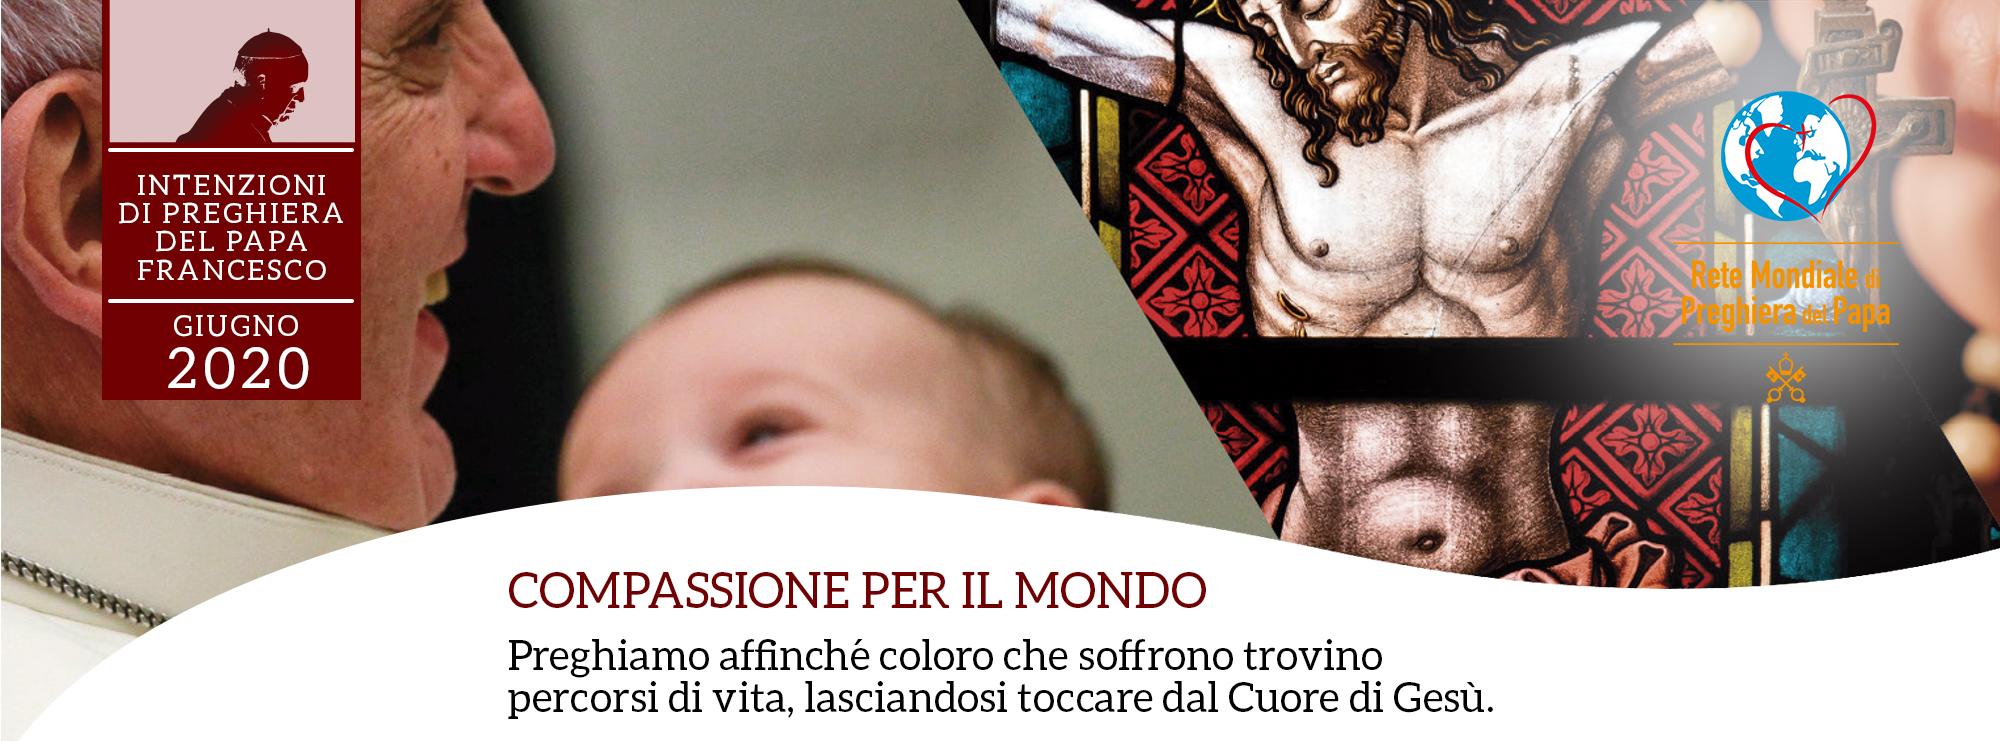 compassione per ir mondo giugno intenzioni di preghiera papa franceso